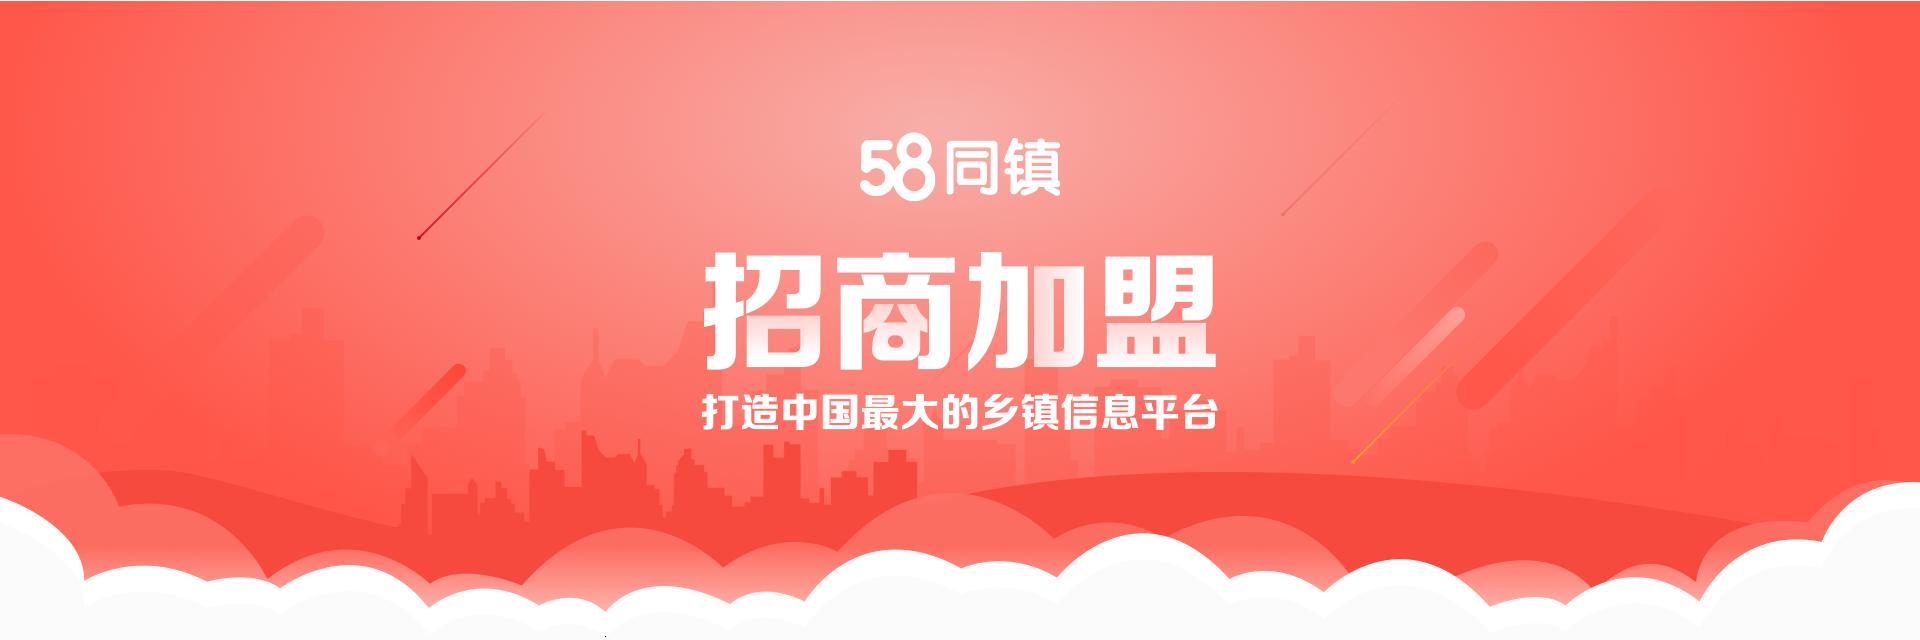 58同镇招商加盟,打造中国最大的乡镇信息平台